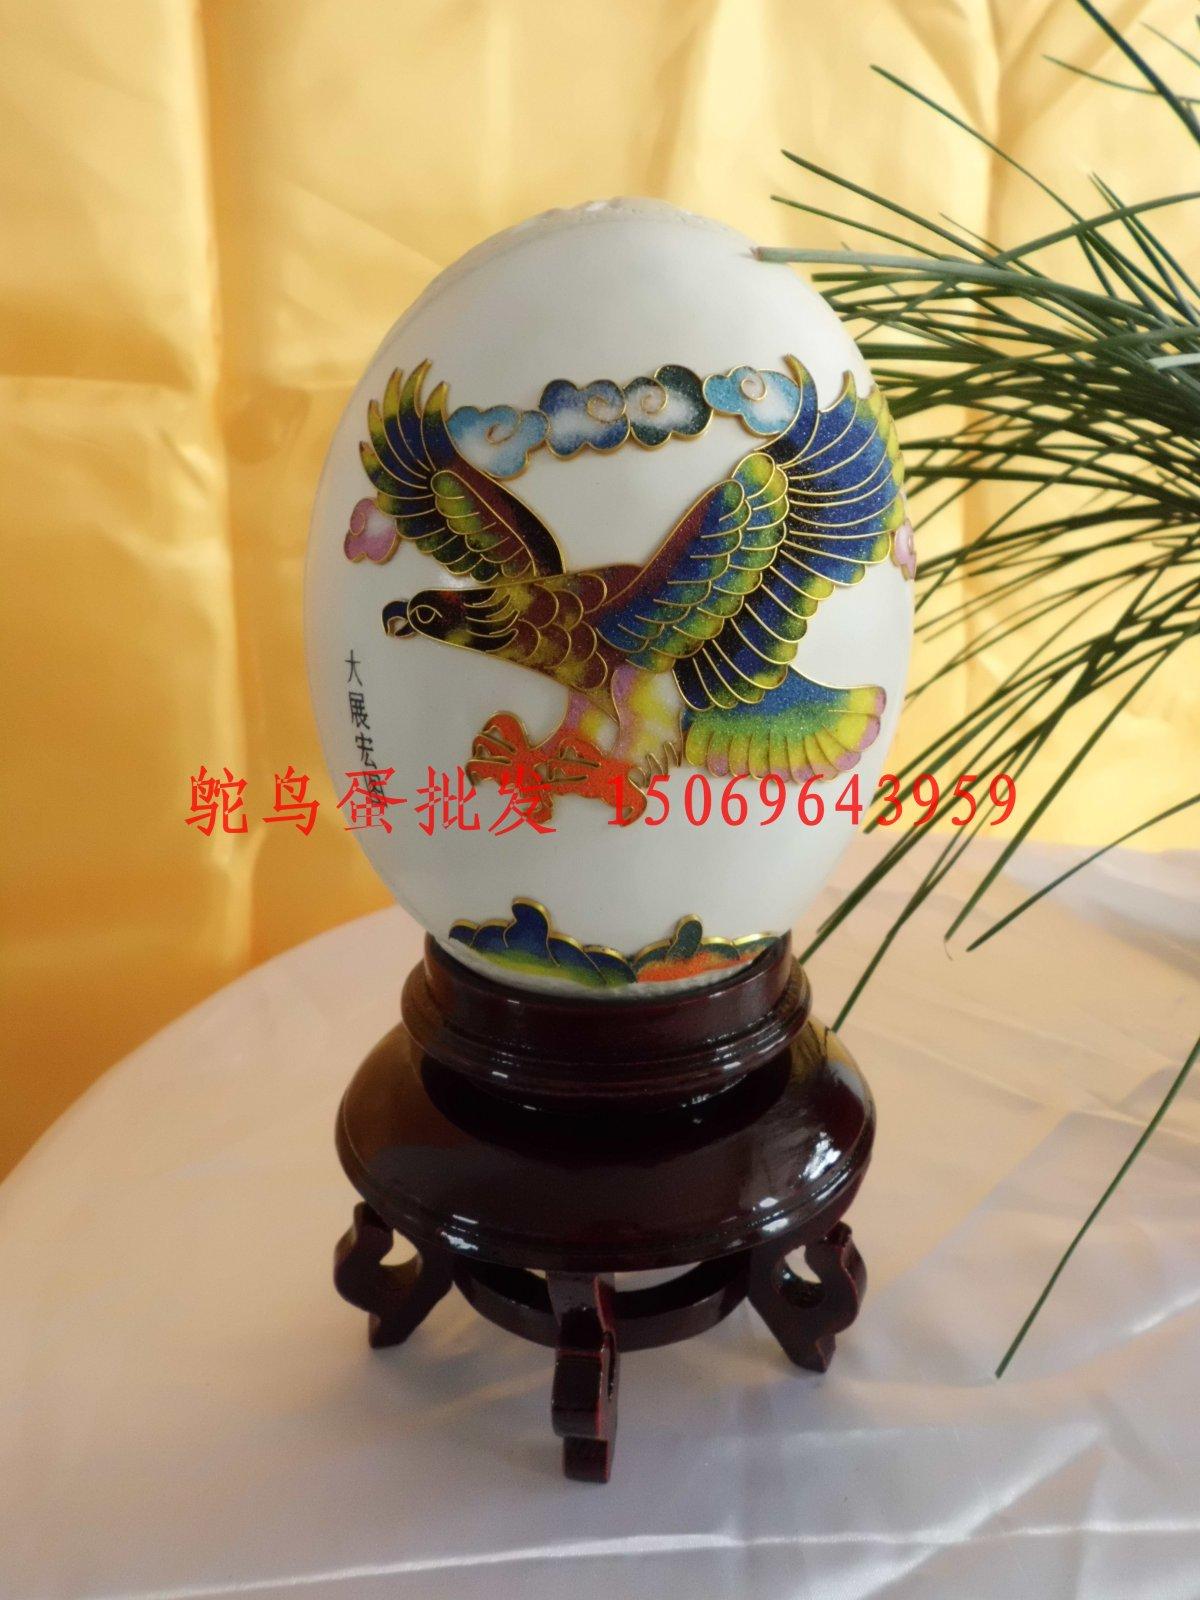 Страус яйцо ремесла статья страус яйцо модельывать ремесла статья перегородчатой страус яйцо 【 выставка грандиозные планы 】 мужчина орел серый орел